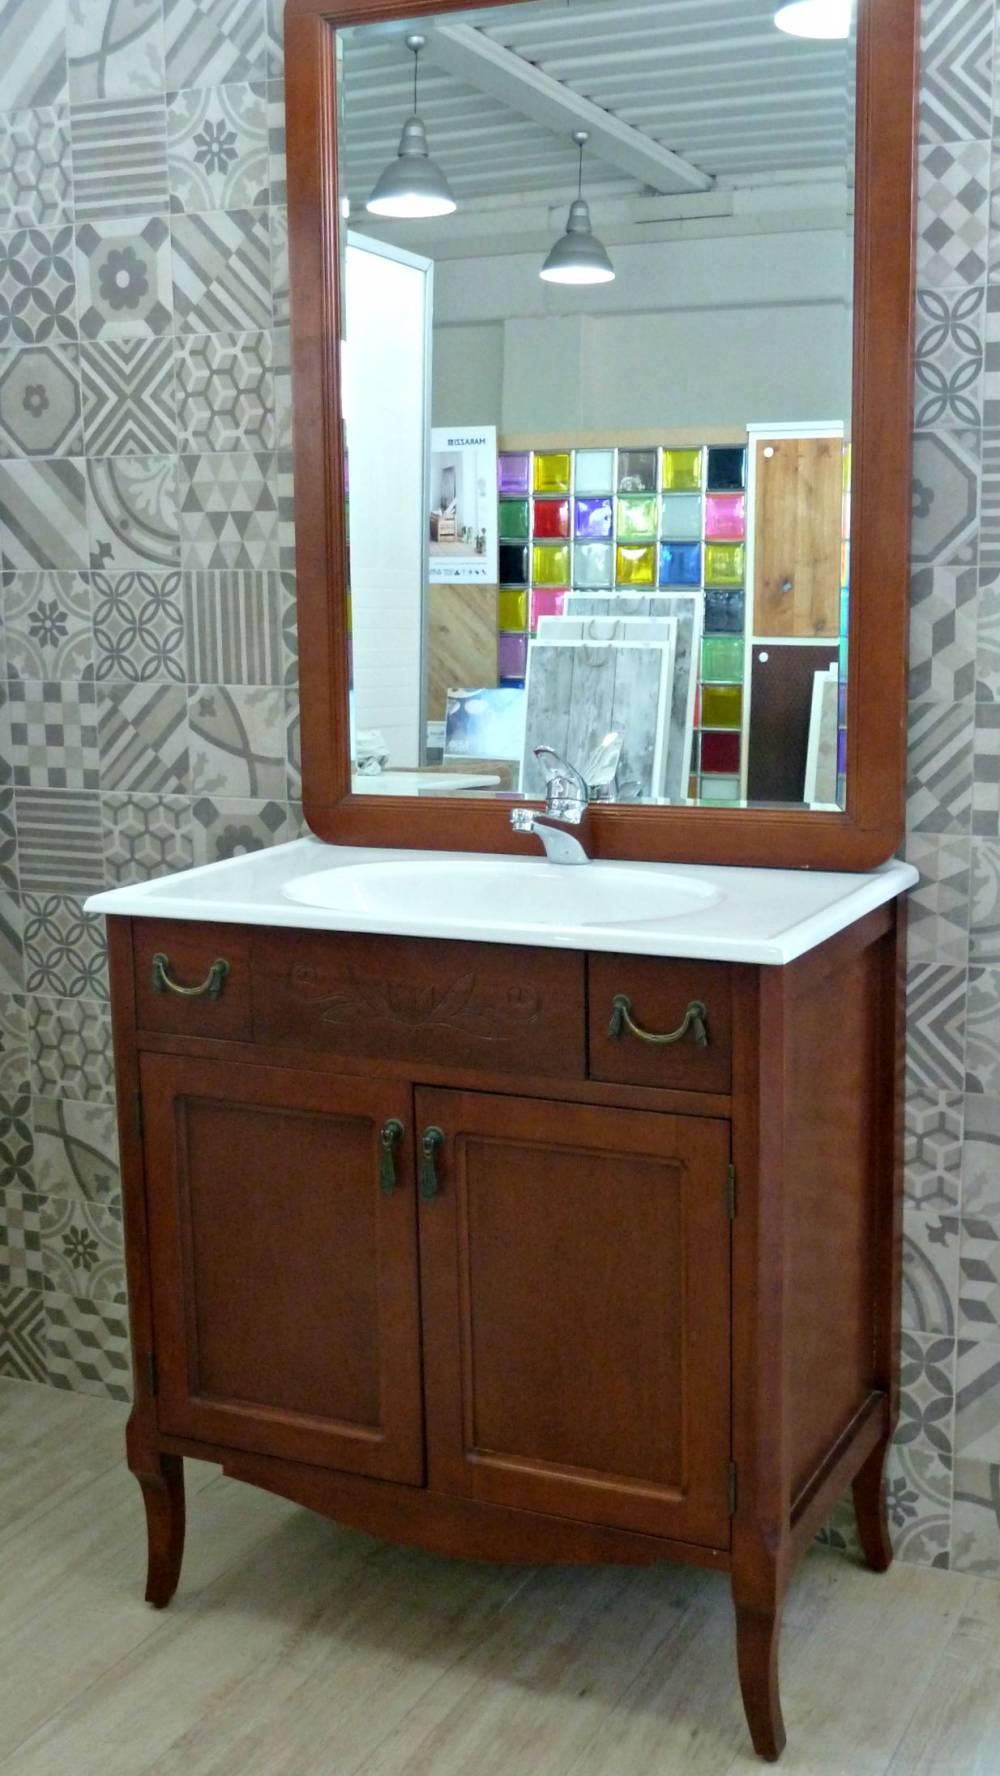 Mobili da bagno arte povera interesting mobili bagno online offerte le migliori idee di design - Mobili bagno arte povera on line ...